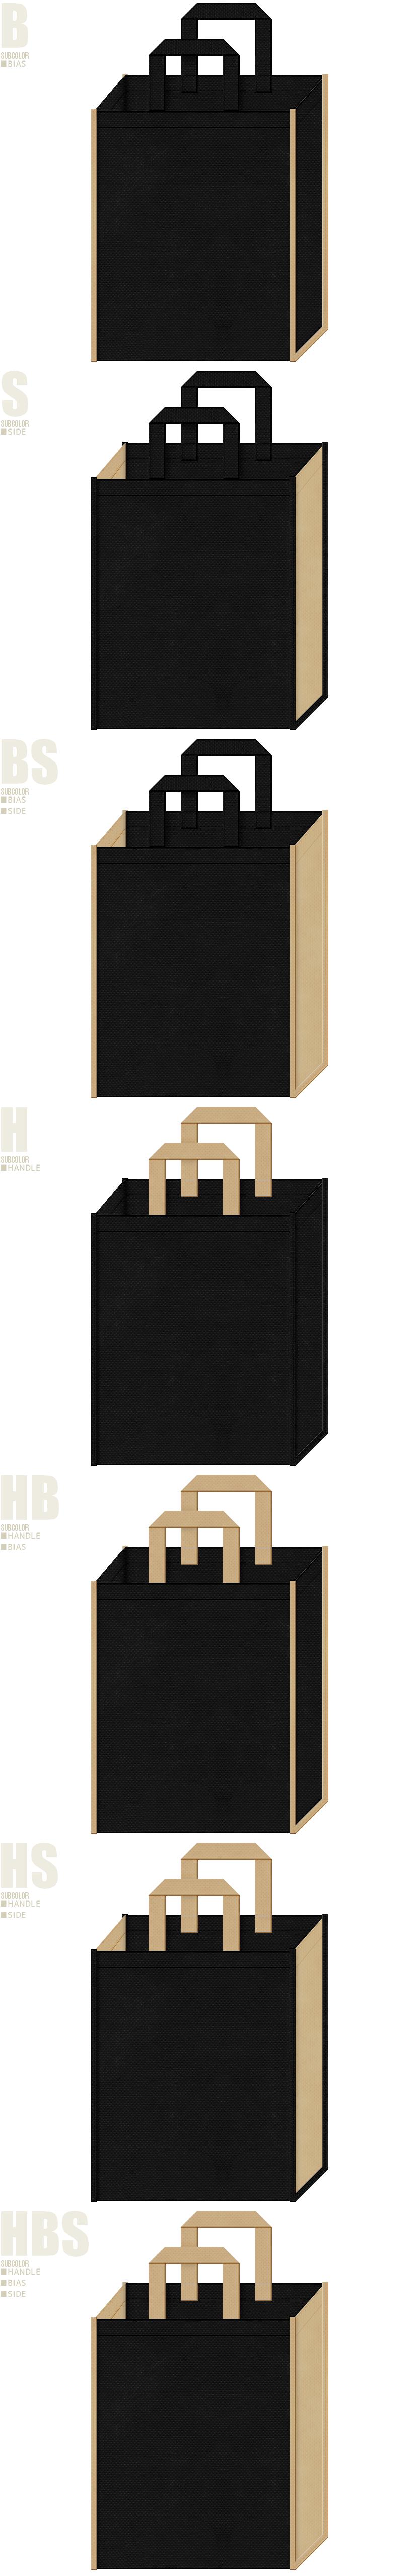 黒色とカーキ色、7パターンの不織布トートバッグ配色デザイン例。お城イベント・ゲームのバッグノベルティにお奨めです。